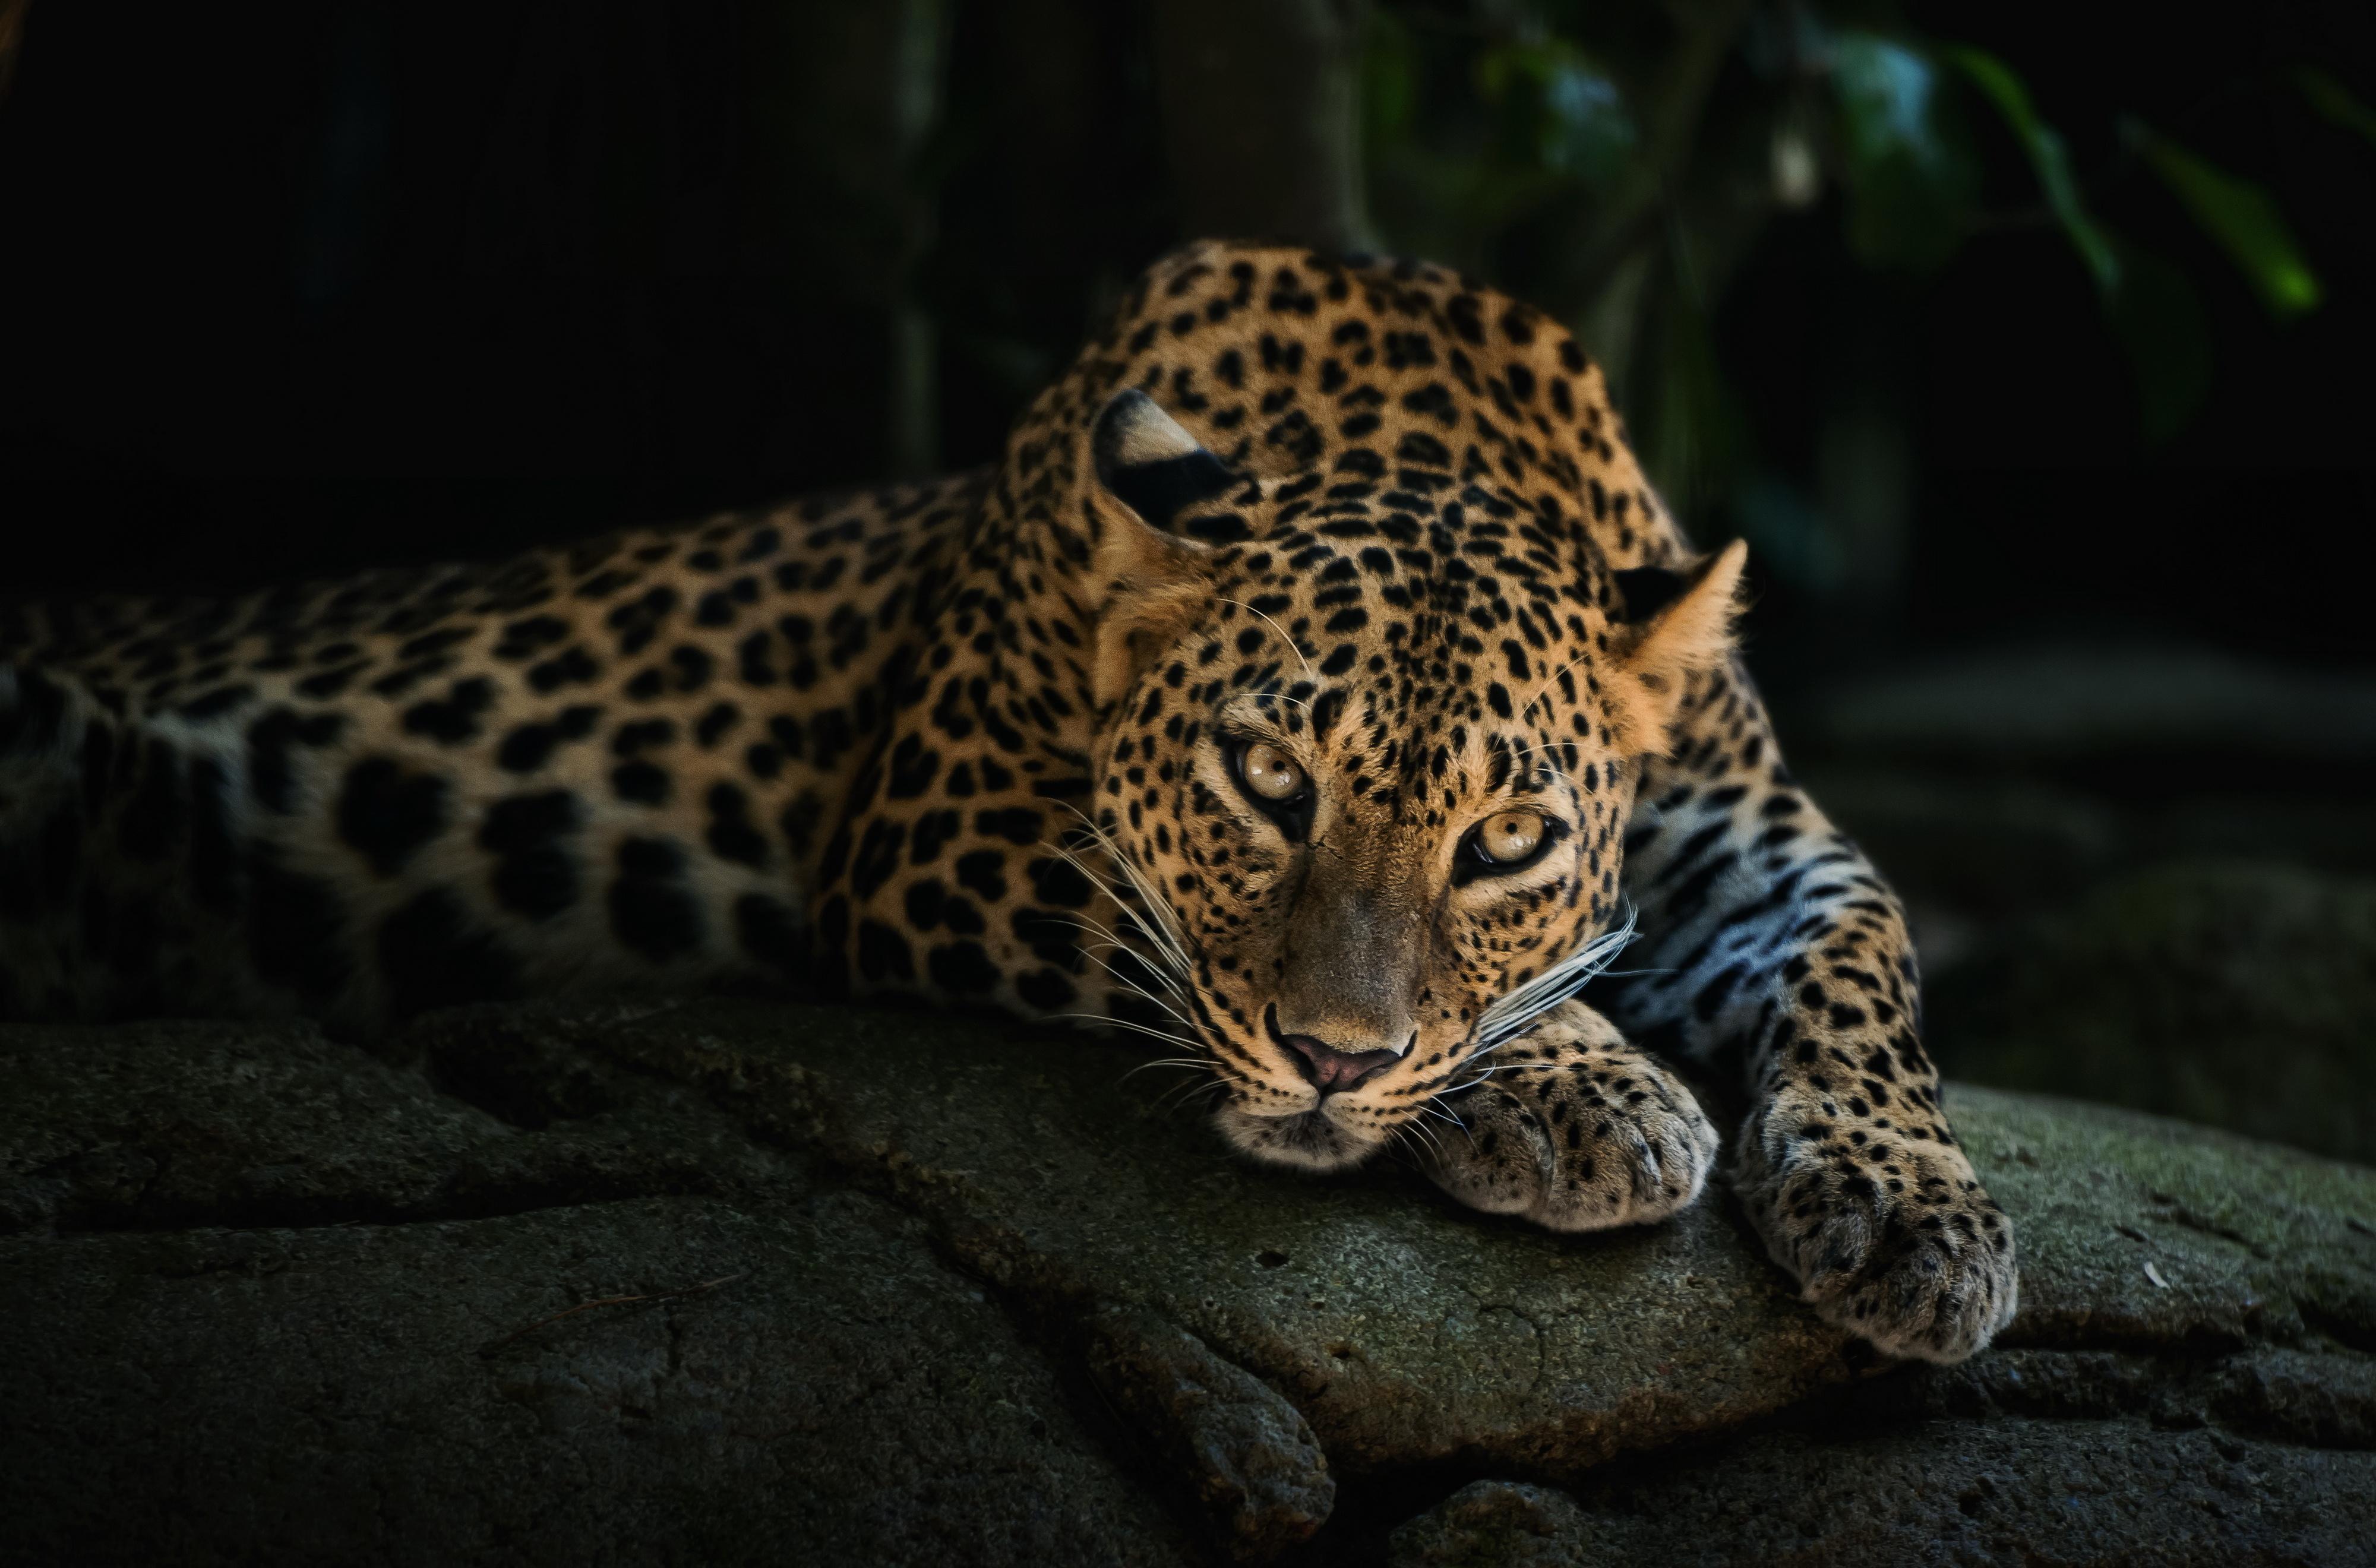 Leopard HD Wallpaper High Resolution 4000x2640